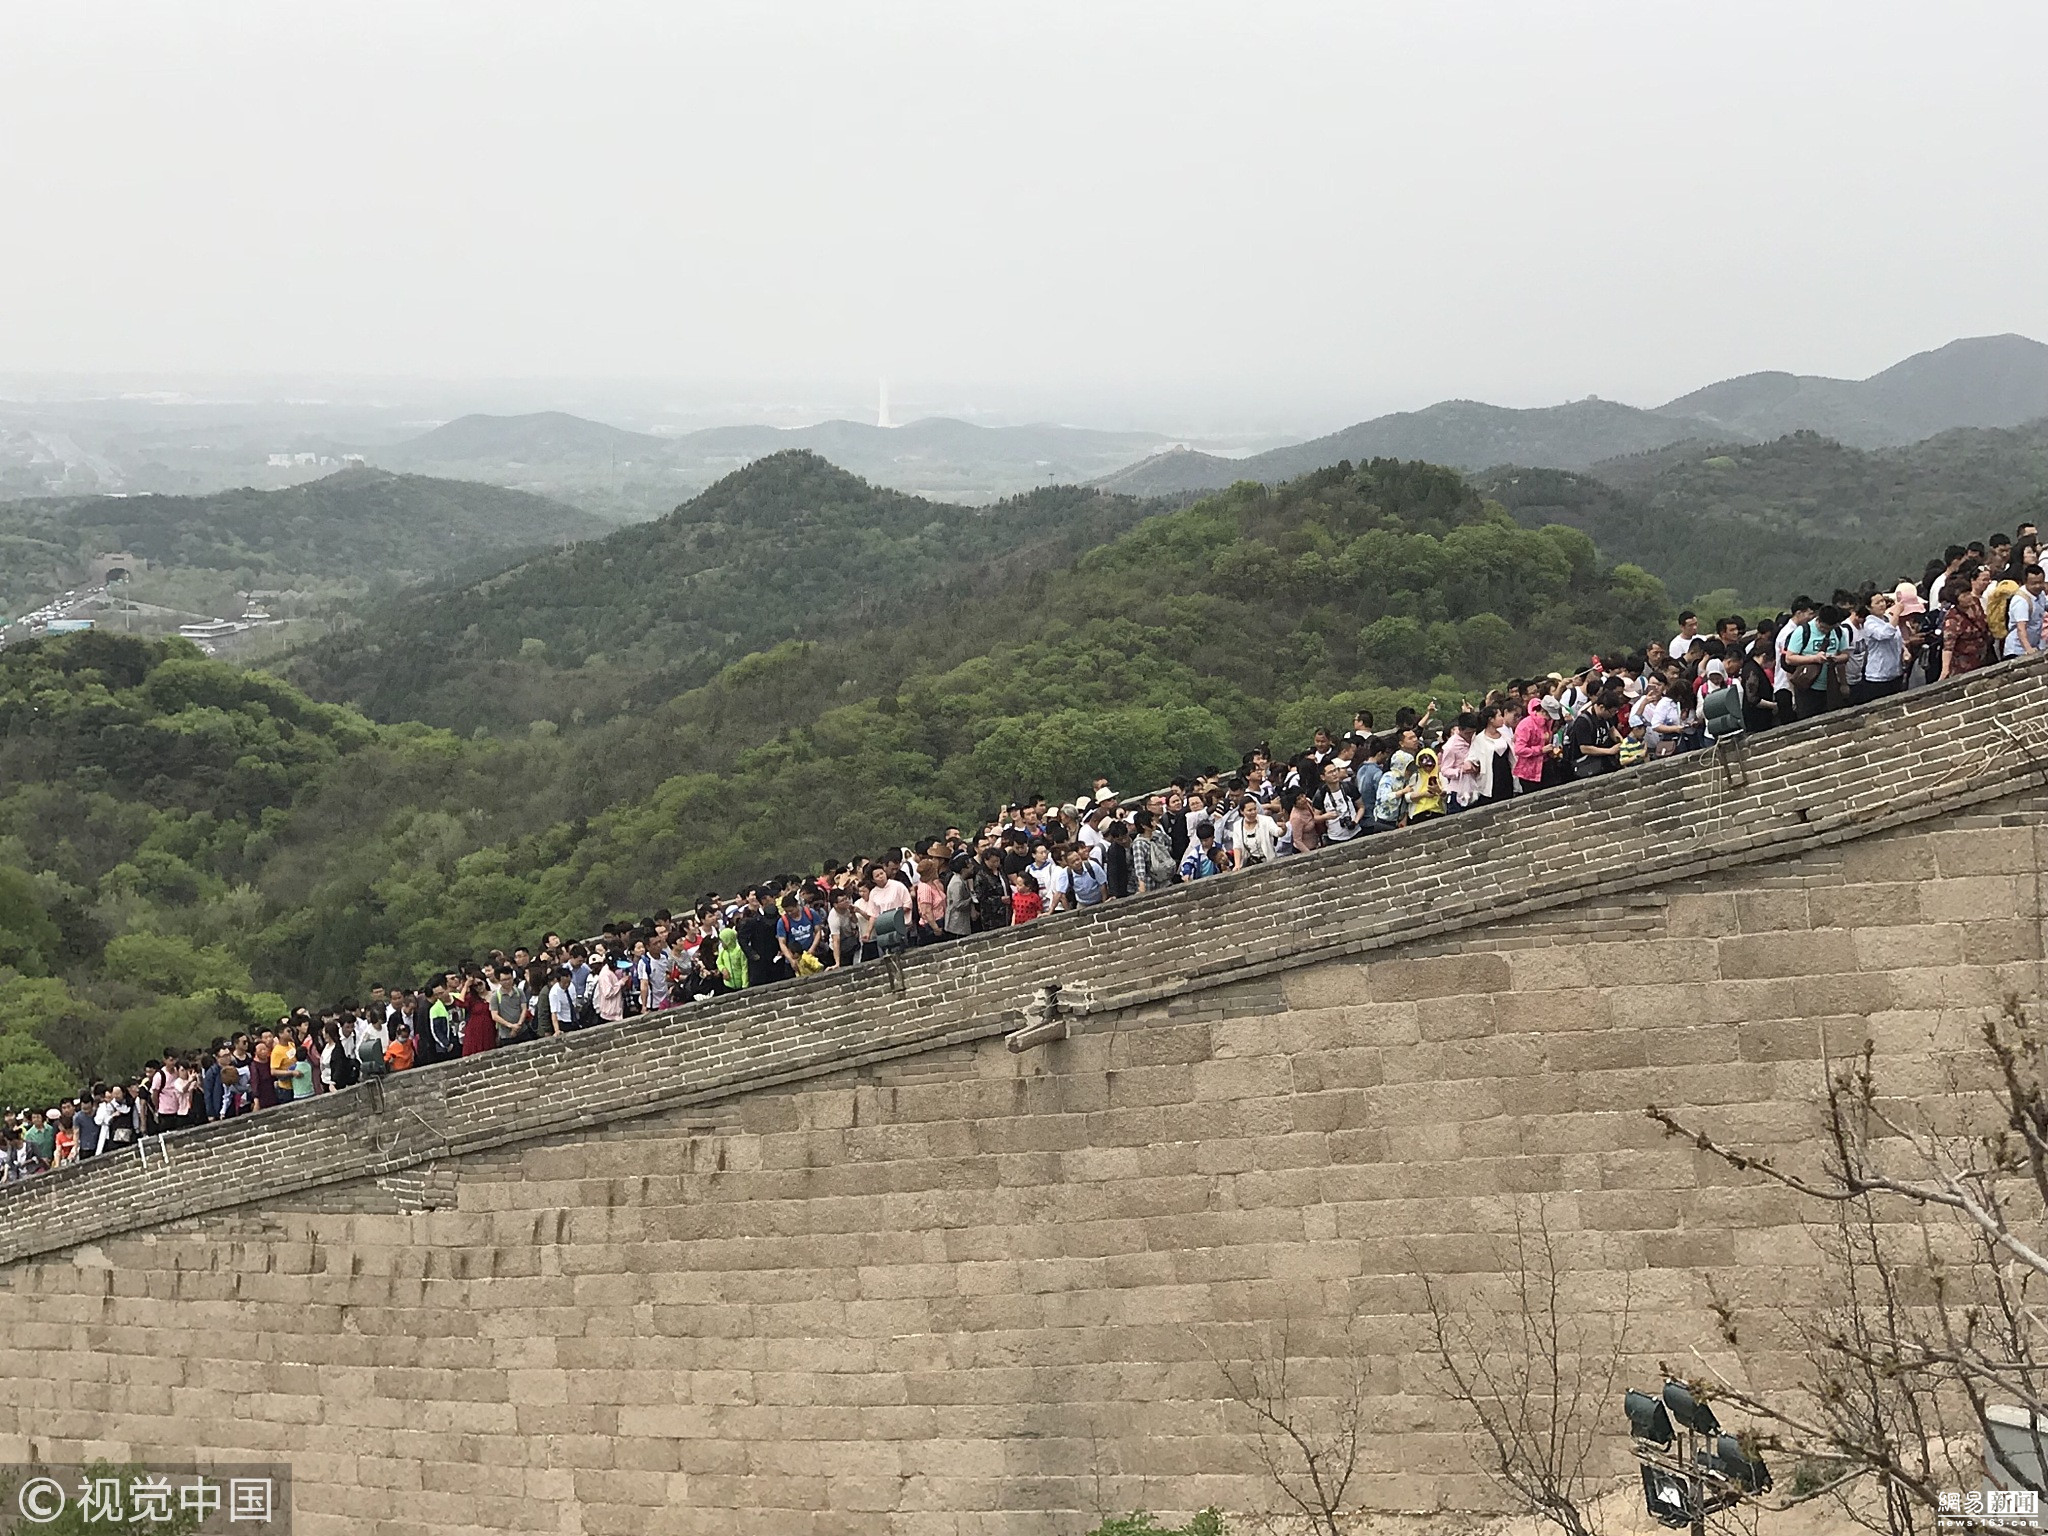 北京八达岭长城,游客如人海,行走艰难移步! - 周公乐 - xinhua8848 的博客